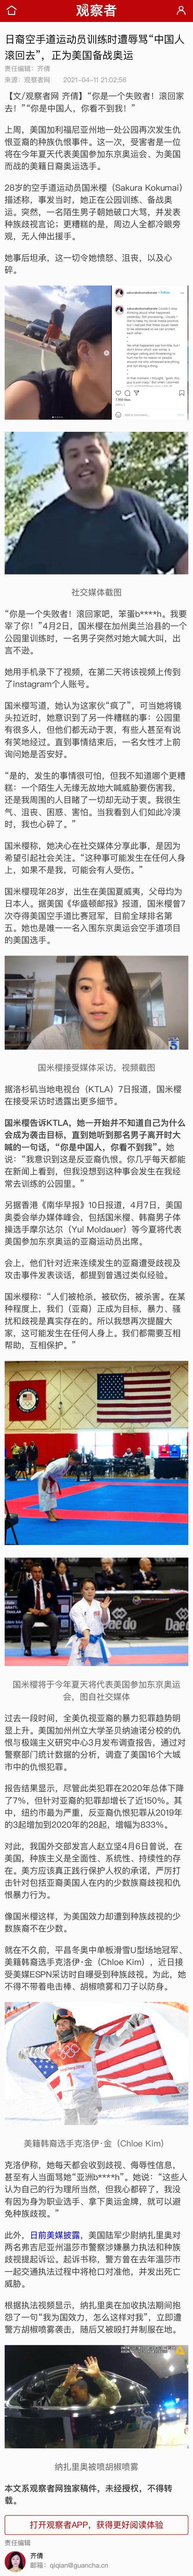 """日裔空手道运动员正为美国备战奥运,却遭辱骂""""中国人滚回去"""""""